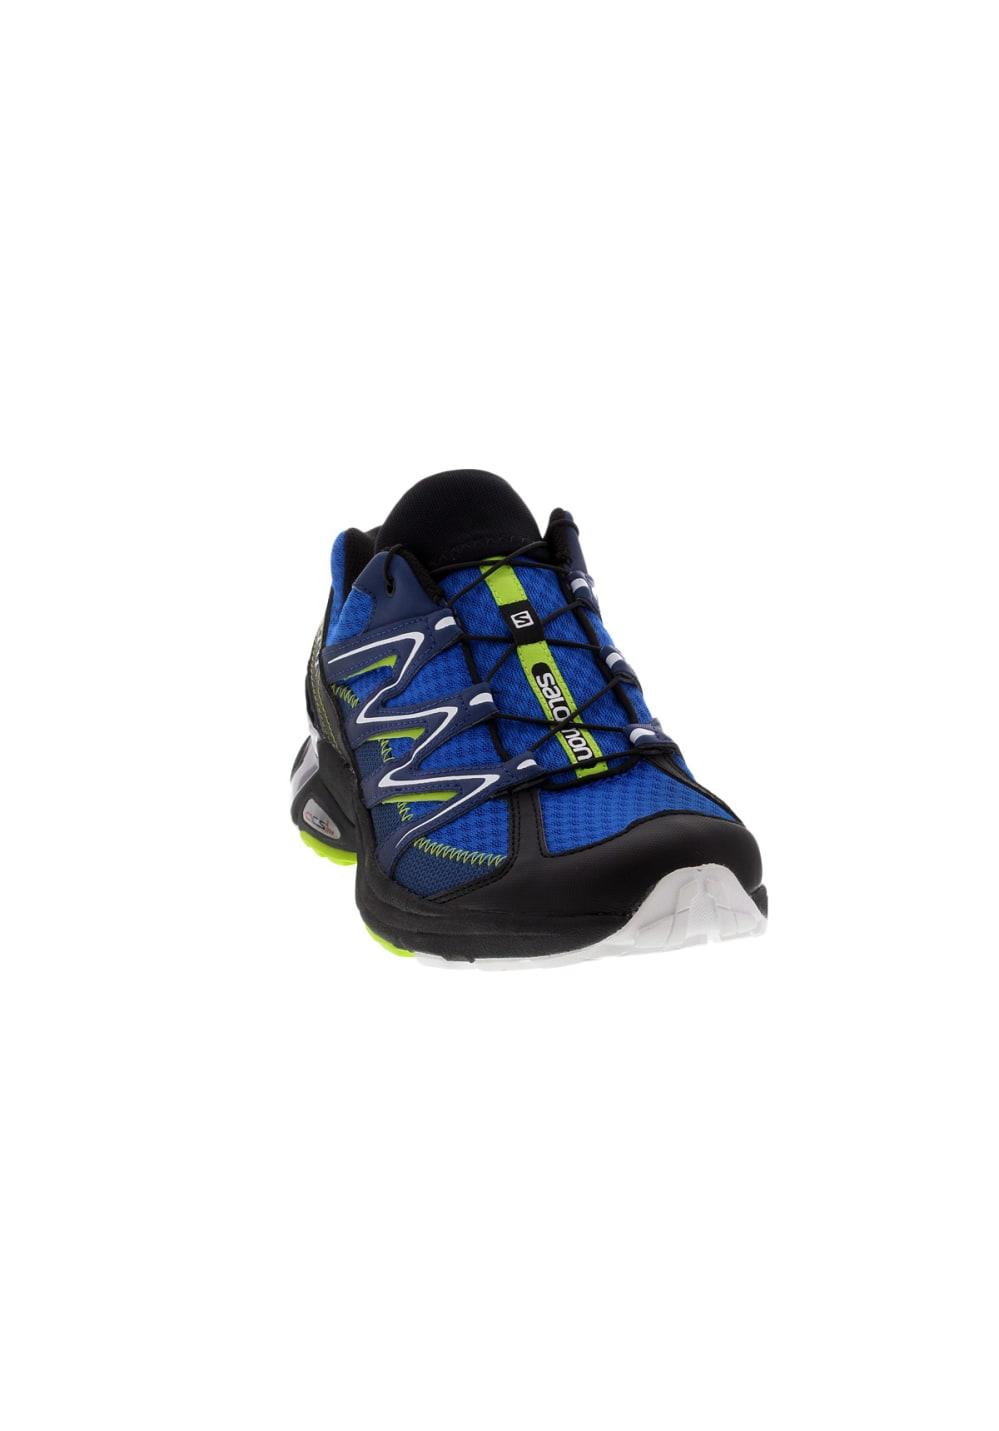 Xt Homme Bleu 21run Running Chaussures Salomon Pour Weeze PxqAwa1